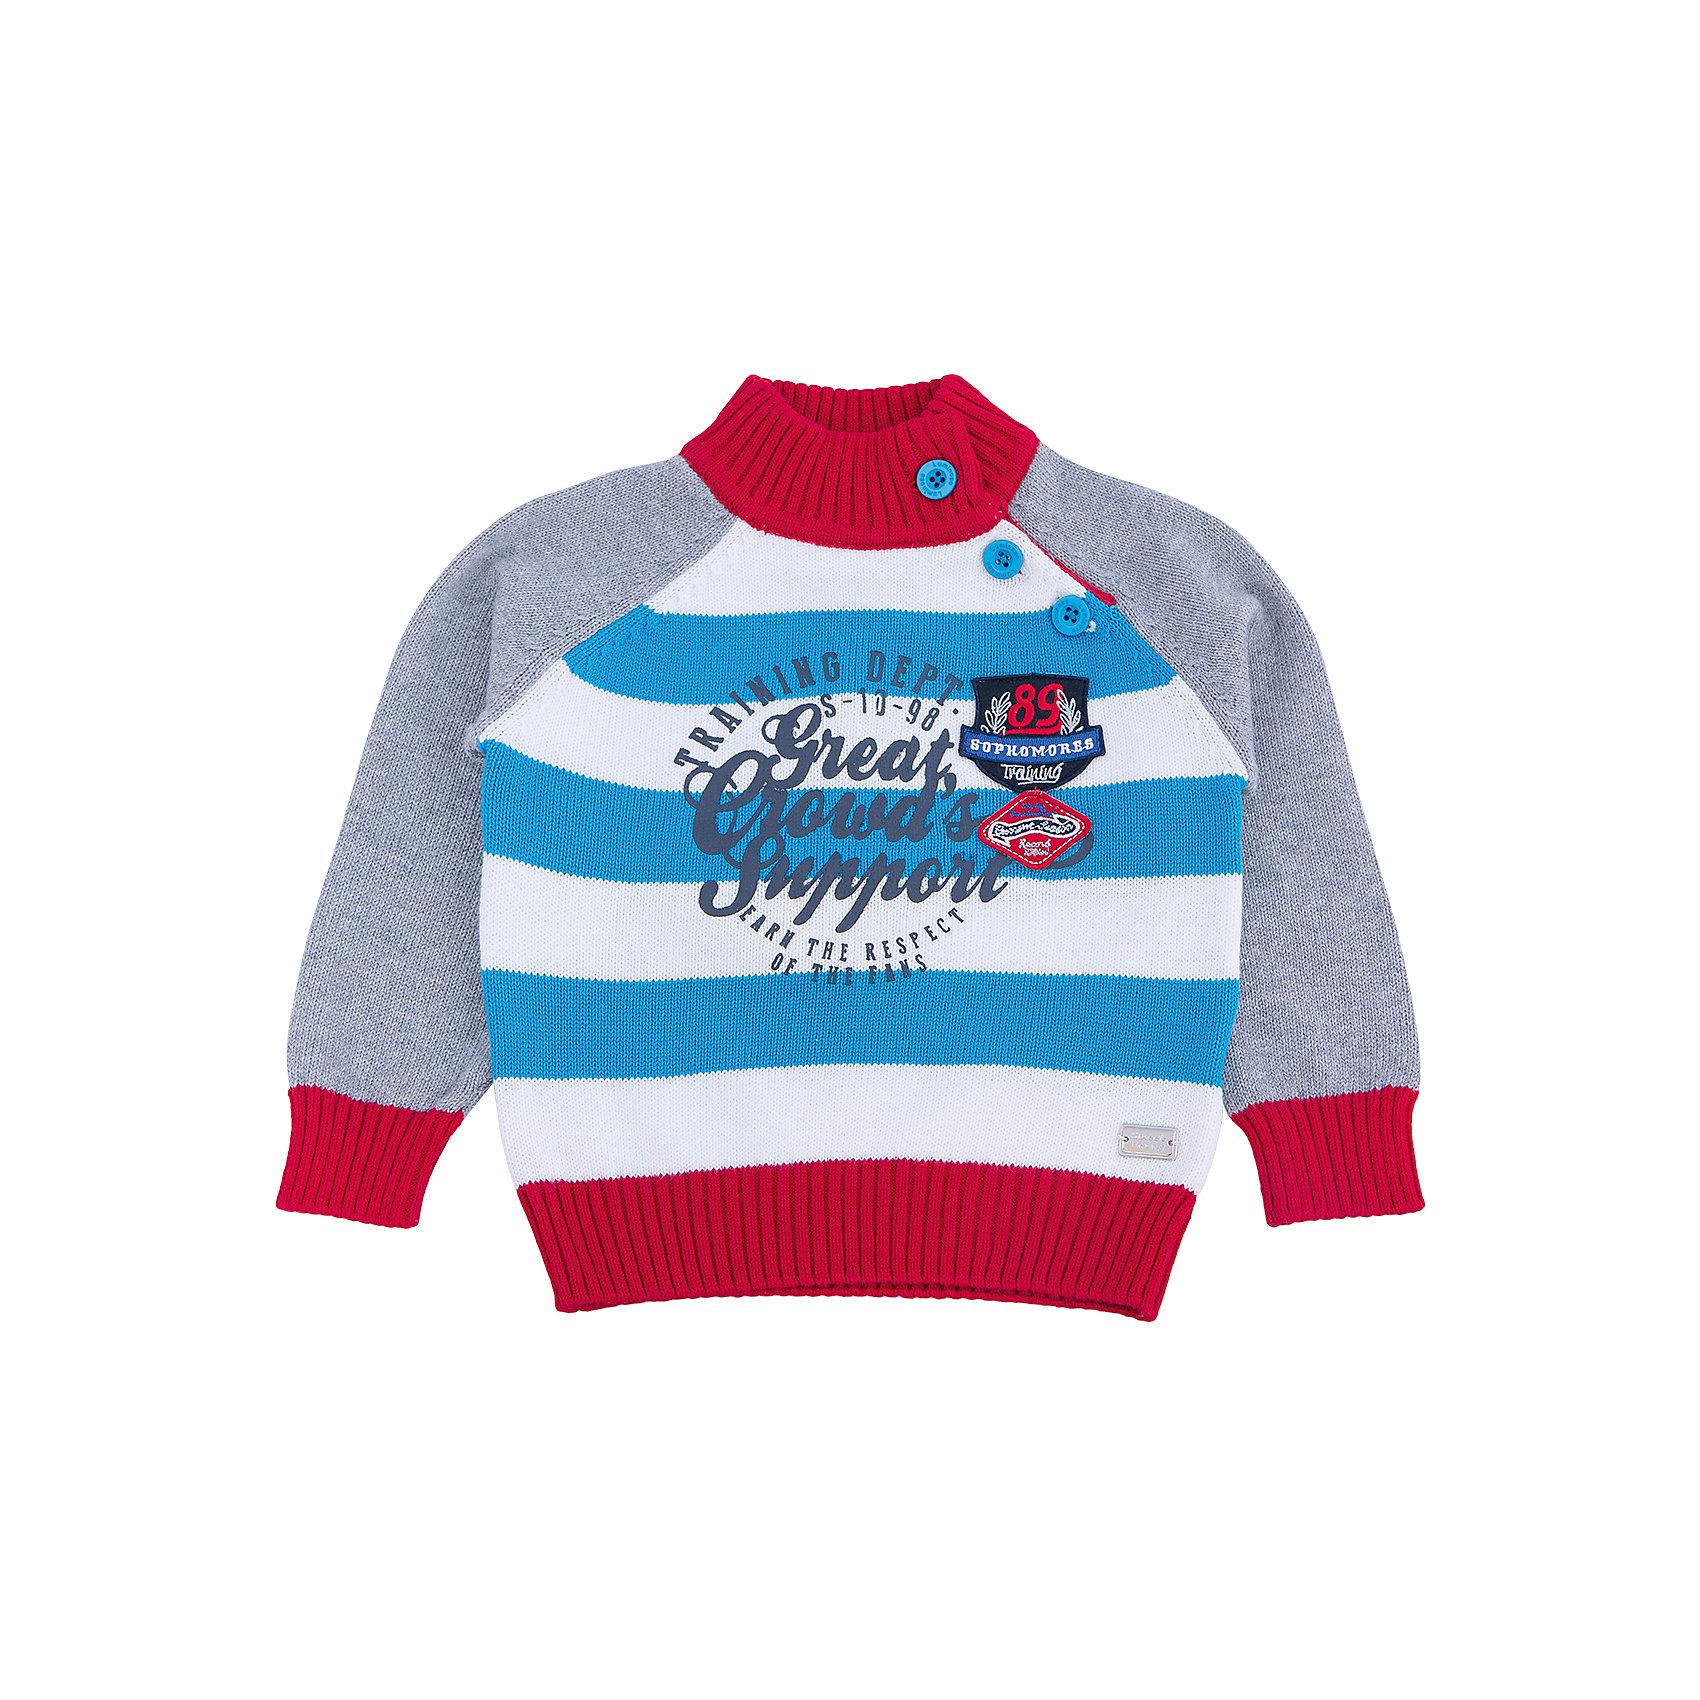 Свитер для мальчика Sweet BerryСвитера и кардиганы<br>Эта модель свитера для мальчика отличается модным дизайном с оригинальным принтом. Удачный крой обеспечит ребенку комфорт и тепло. Края изделия обработаны мягкой резинкой , горло - высокое, поэтому вещь плотно прилегает к телу там, где нужно, и отлично сидит по фигуре. Натуральный хлопок обеспечит коже возможность дышать и не вызовет аллергии.<br><br>Одежда от бренда Sweet Berry - это простой и выгодный способ одеть ребенка удобно и стильно. Всё изделия тщательно проработаны: швы - прочные, материал - качественный, фурнитура - подобранная специально для детей. <br><br>Дополнительная информация:<br><br>цвет: серый;<br>материал: 100% хлопок;<br>высокое горло;<br>декорирован принтом.<br><br>Свитер для мальчика от бренда Sweet Berry можно купить в нашем интернет-магазине.<br><br>Ширина мм: 190<br>Глубина мм: 74<br>Высота мм: 229<br>Вес г: 236<br>Цвет: серый<br>Возраст от месяцев: 24<br>Возраст до месяцев: 36<br>Пол: Мужской<br>Возраст: Детский<br>Размер: 98,80,86,92<br>SKU: 4929942